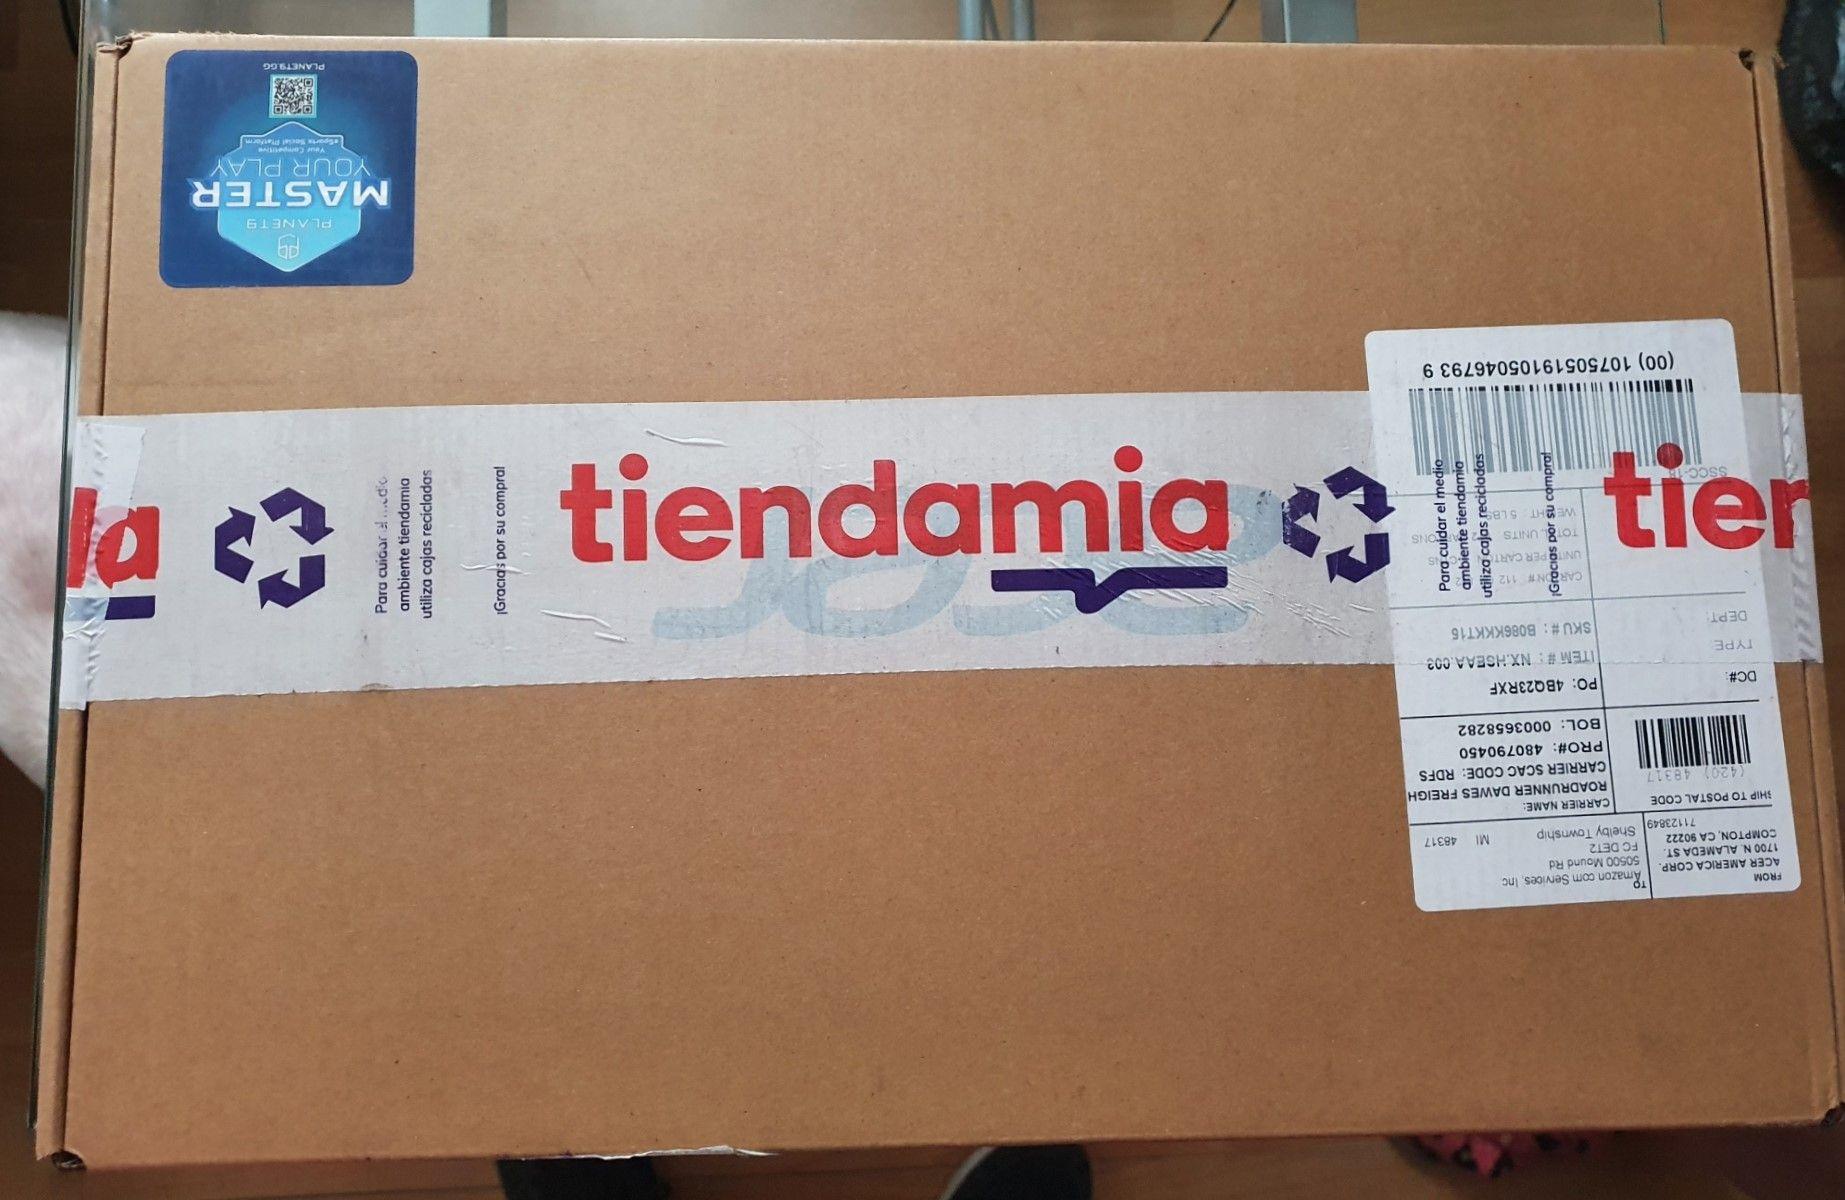 Paquete de Tiendamia recién llegado y entregado puerta a puerta